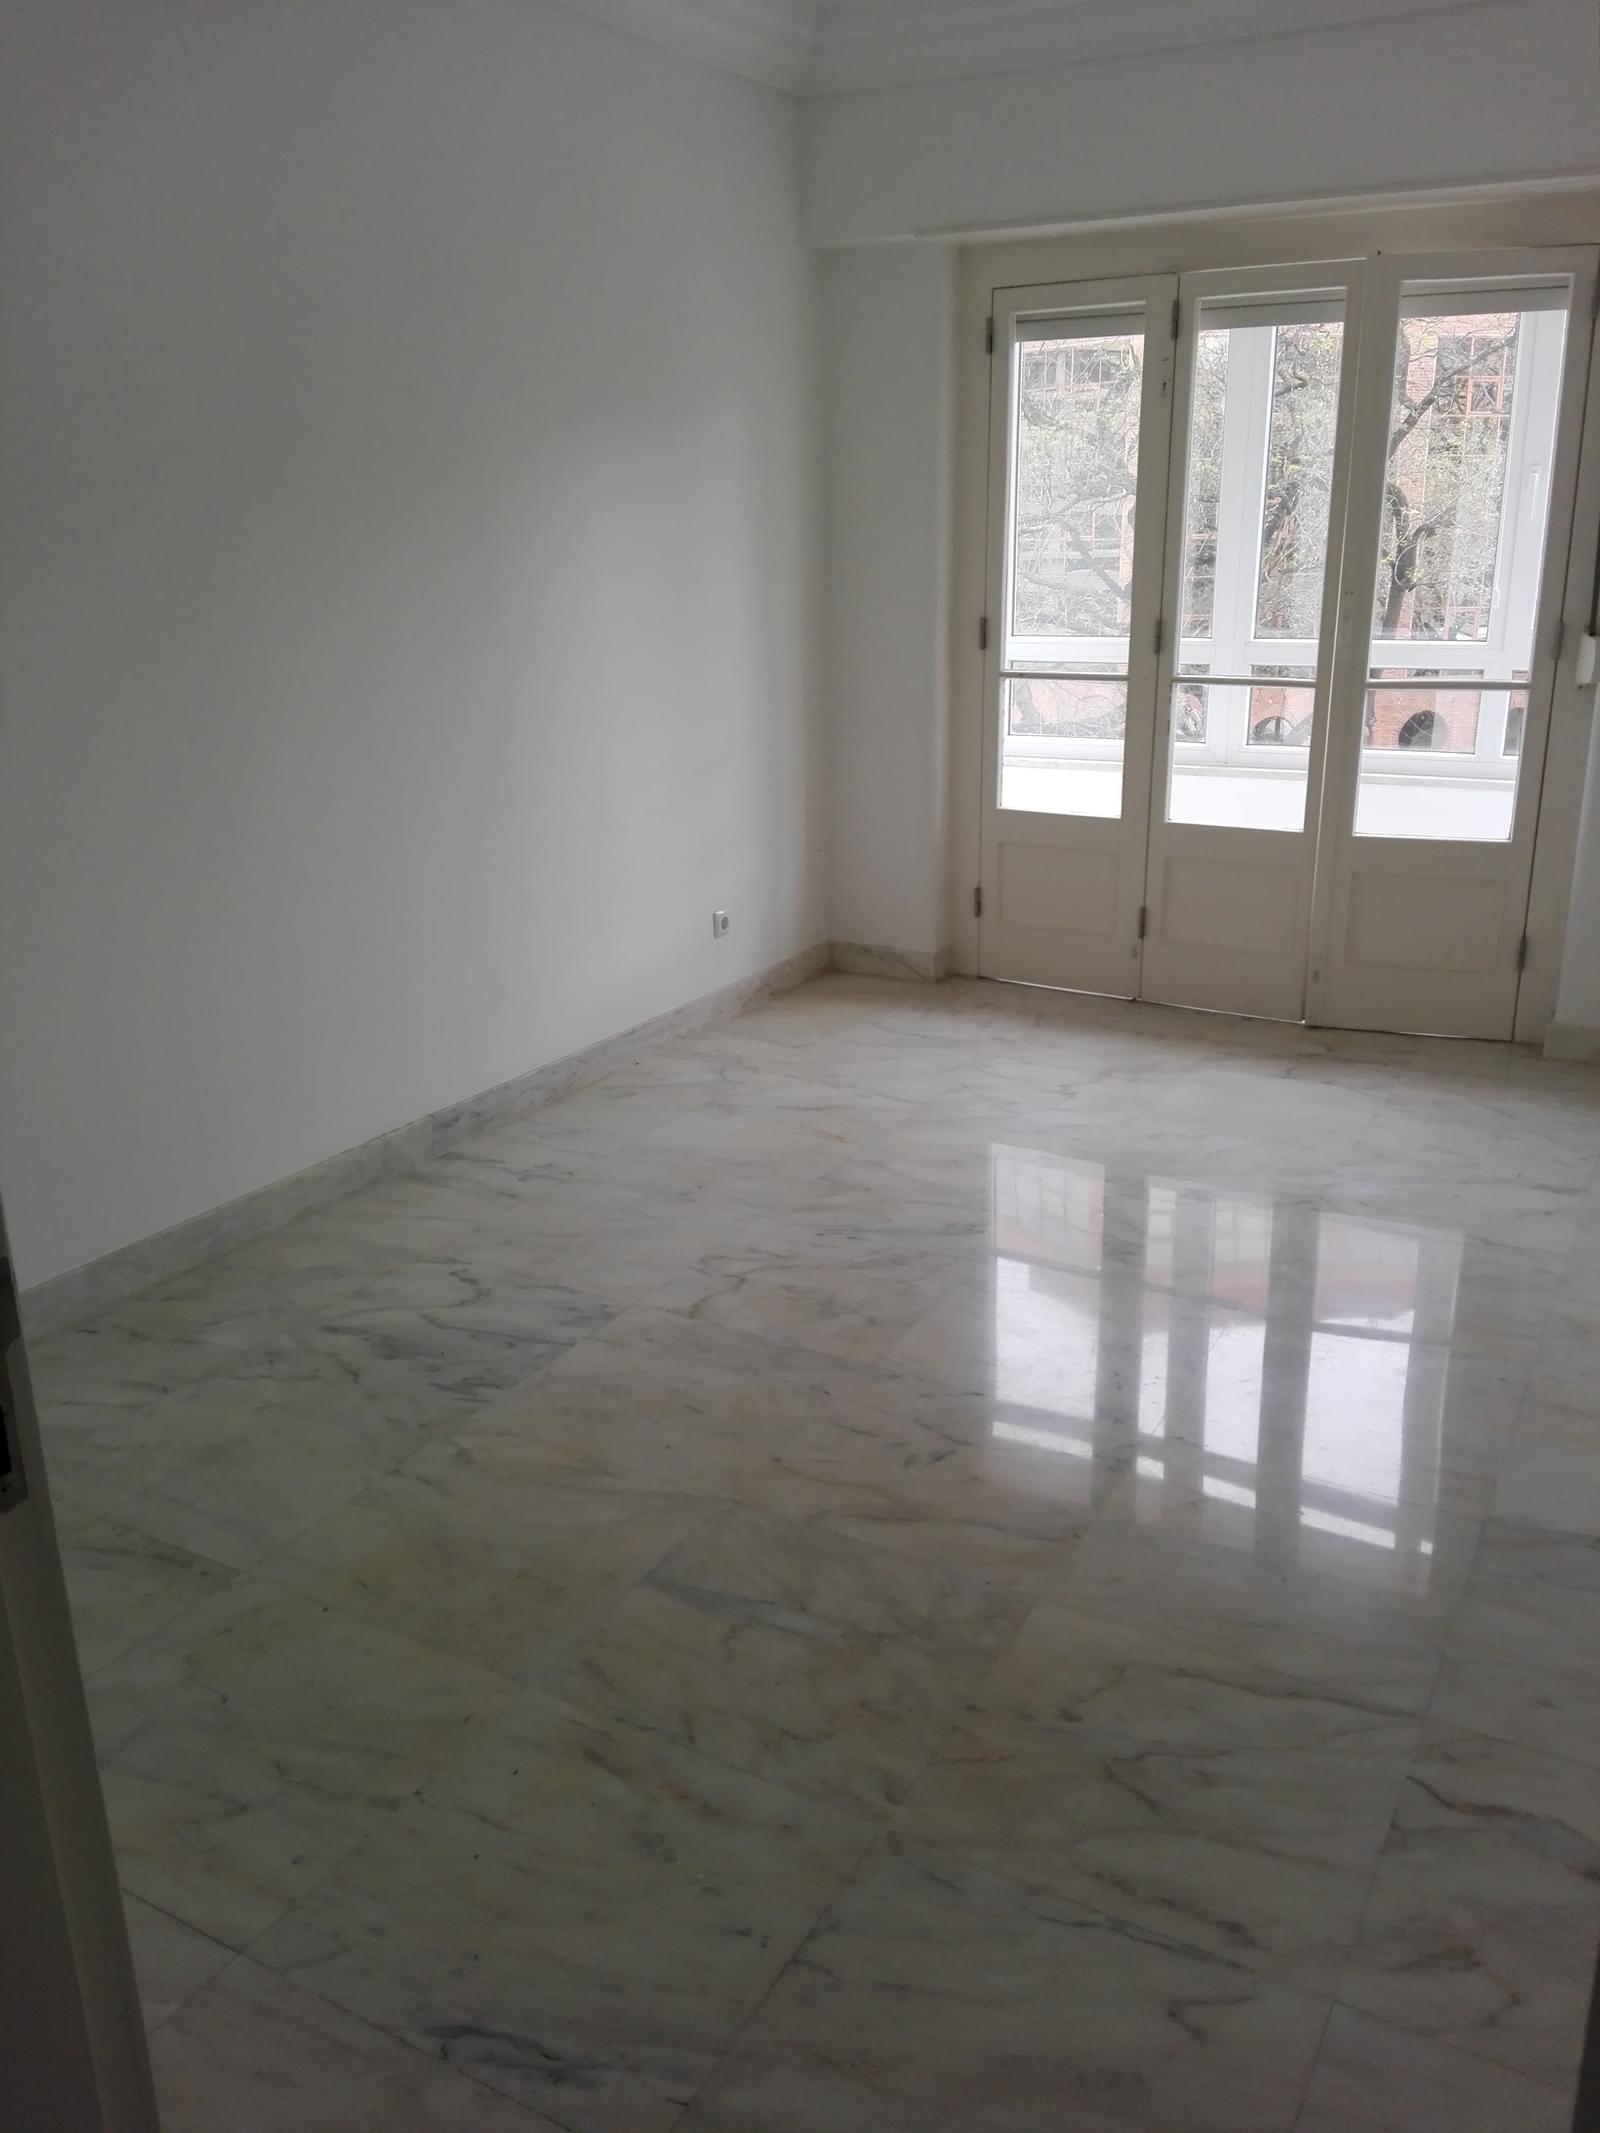 pf17056-apartamento-t4-1-lisboa-9d10bf0e-7cfb-4193-b694-7269b9023fc3